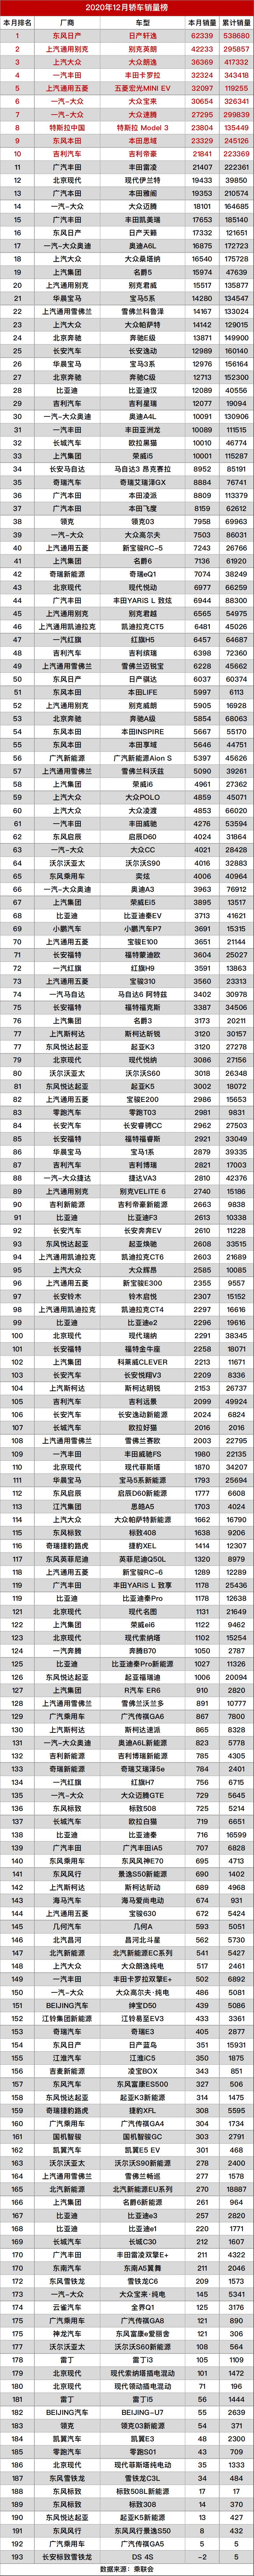 12月轿车榜单.png